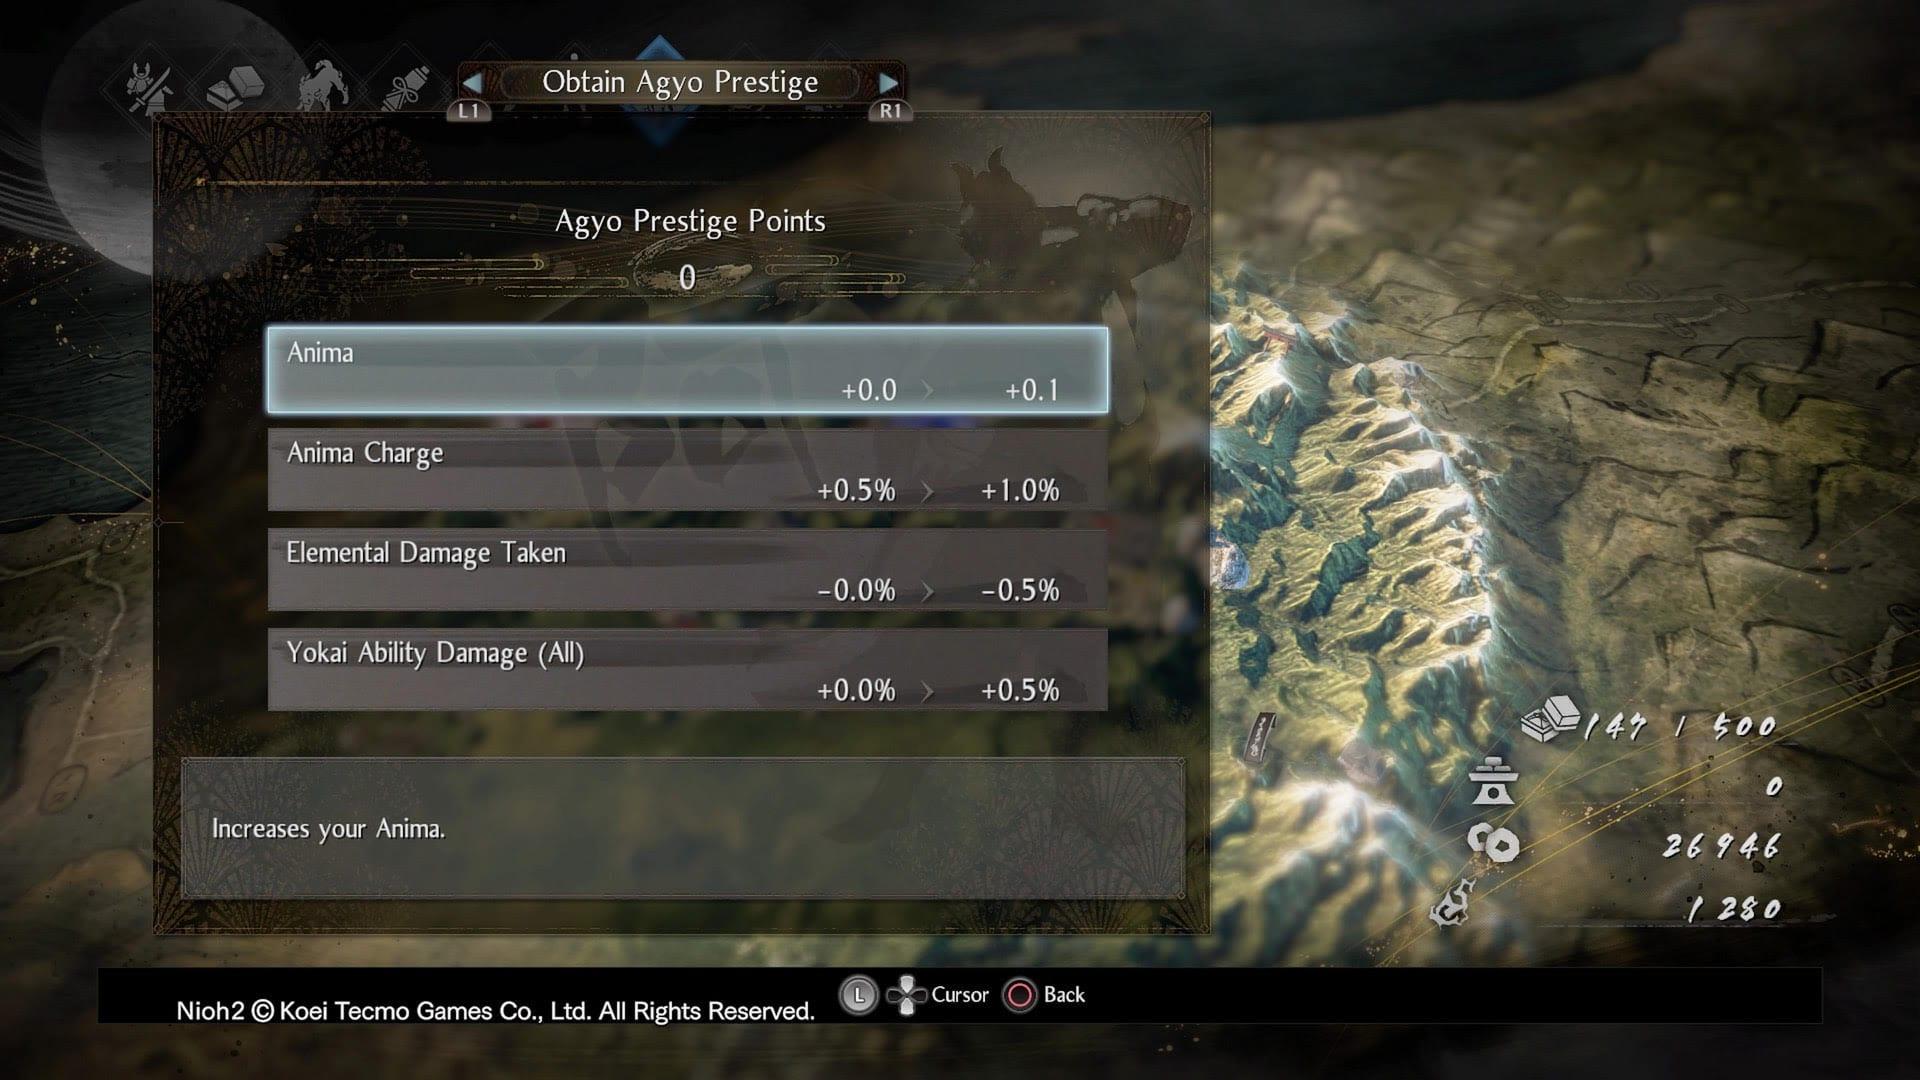 Nioh 2 Prestige Points Agyo Buffs